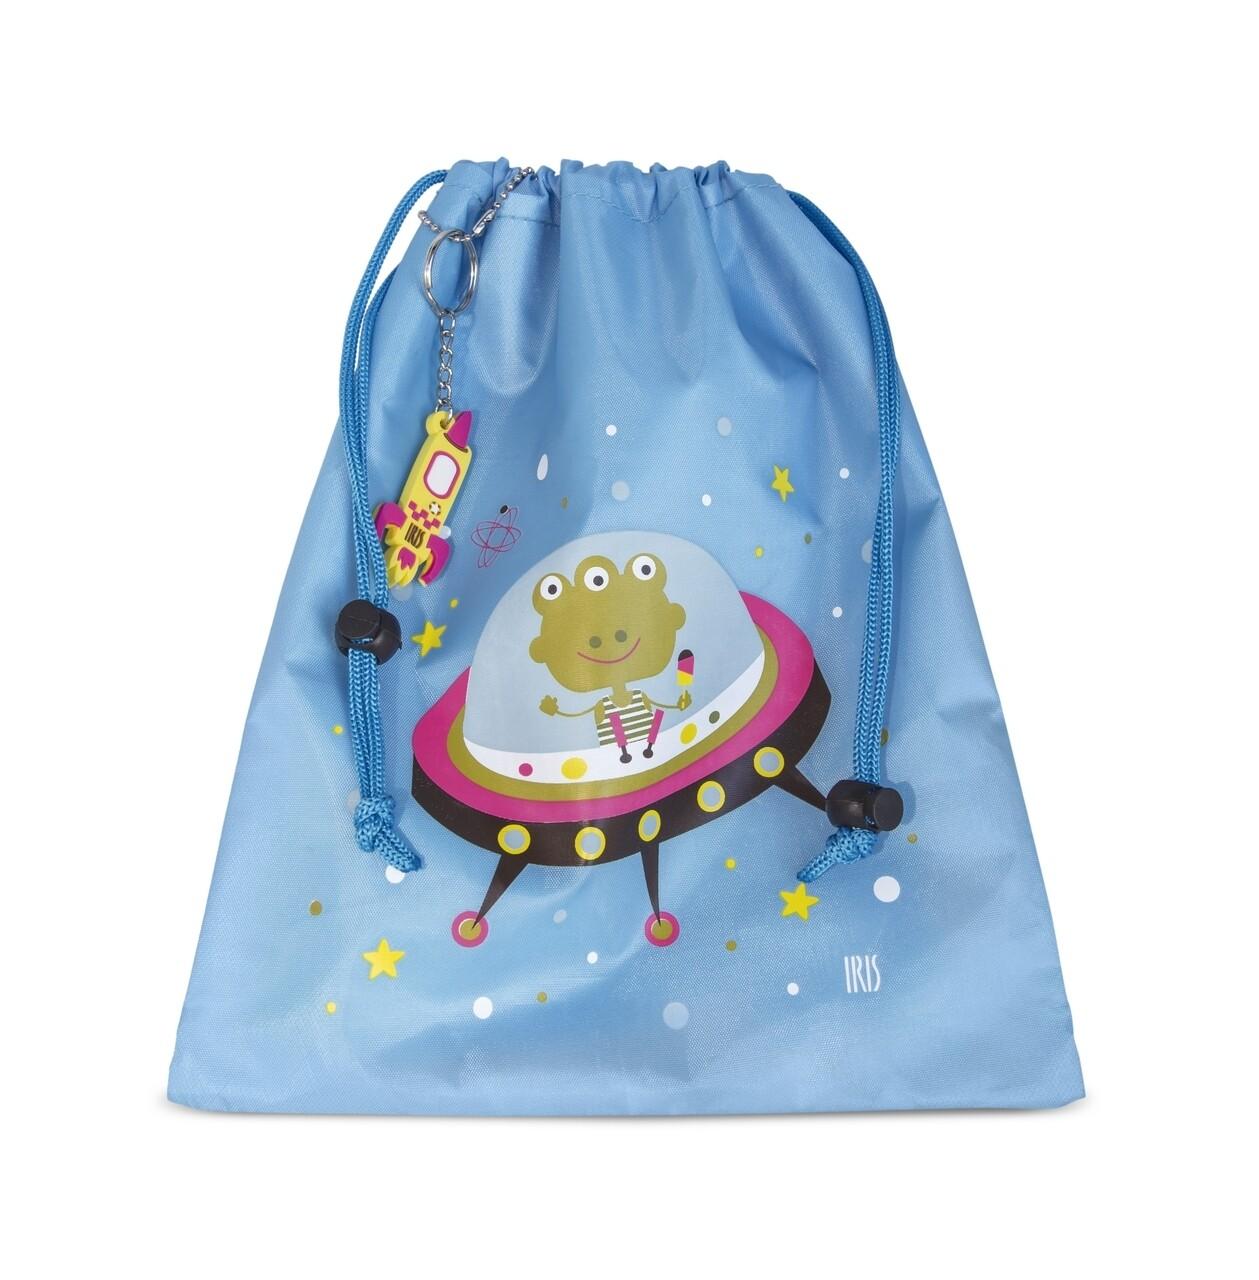 Geanta termoizolanta pentru pranz copii Mini SnackRico, Iris Barcelona, 17x4x21 cm, poliester, albastru